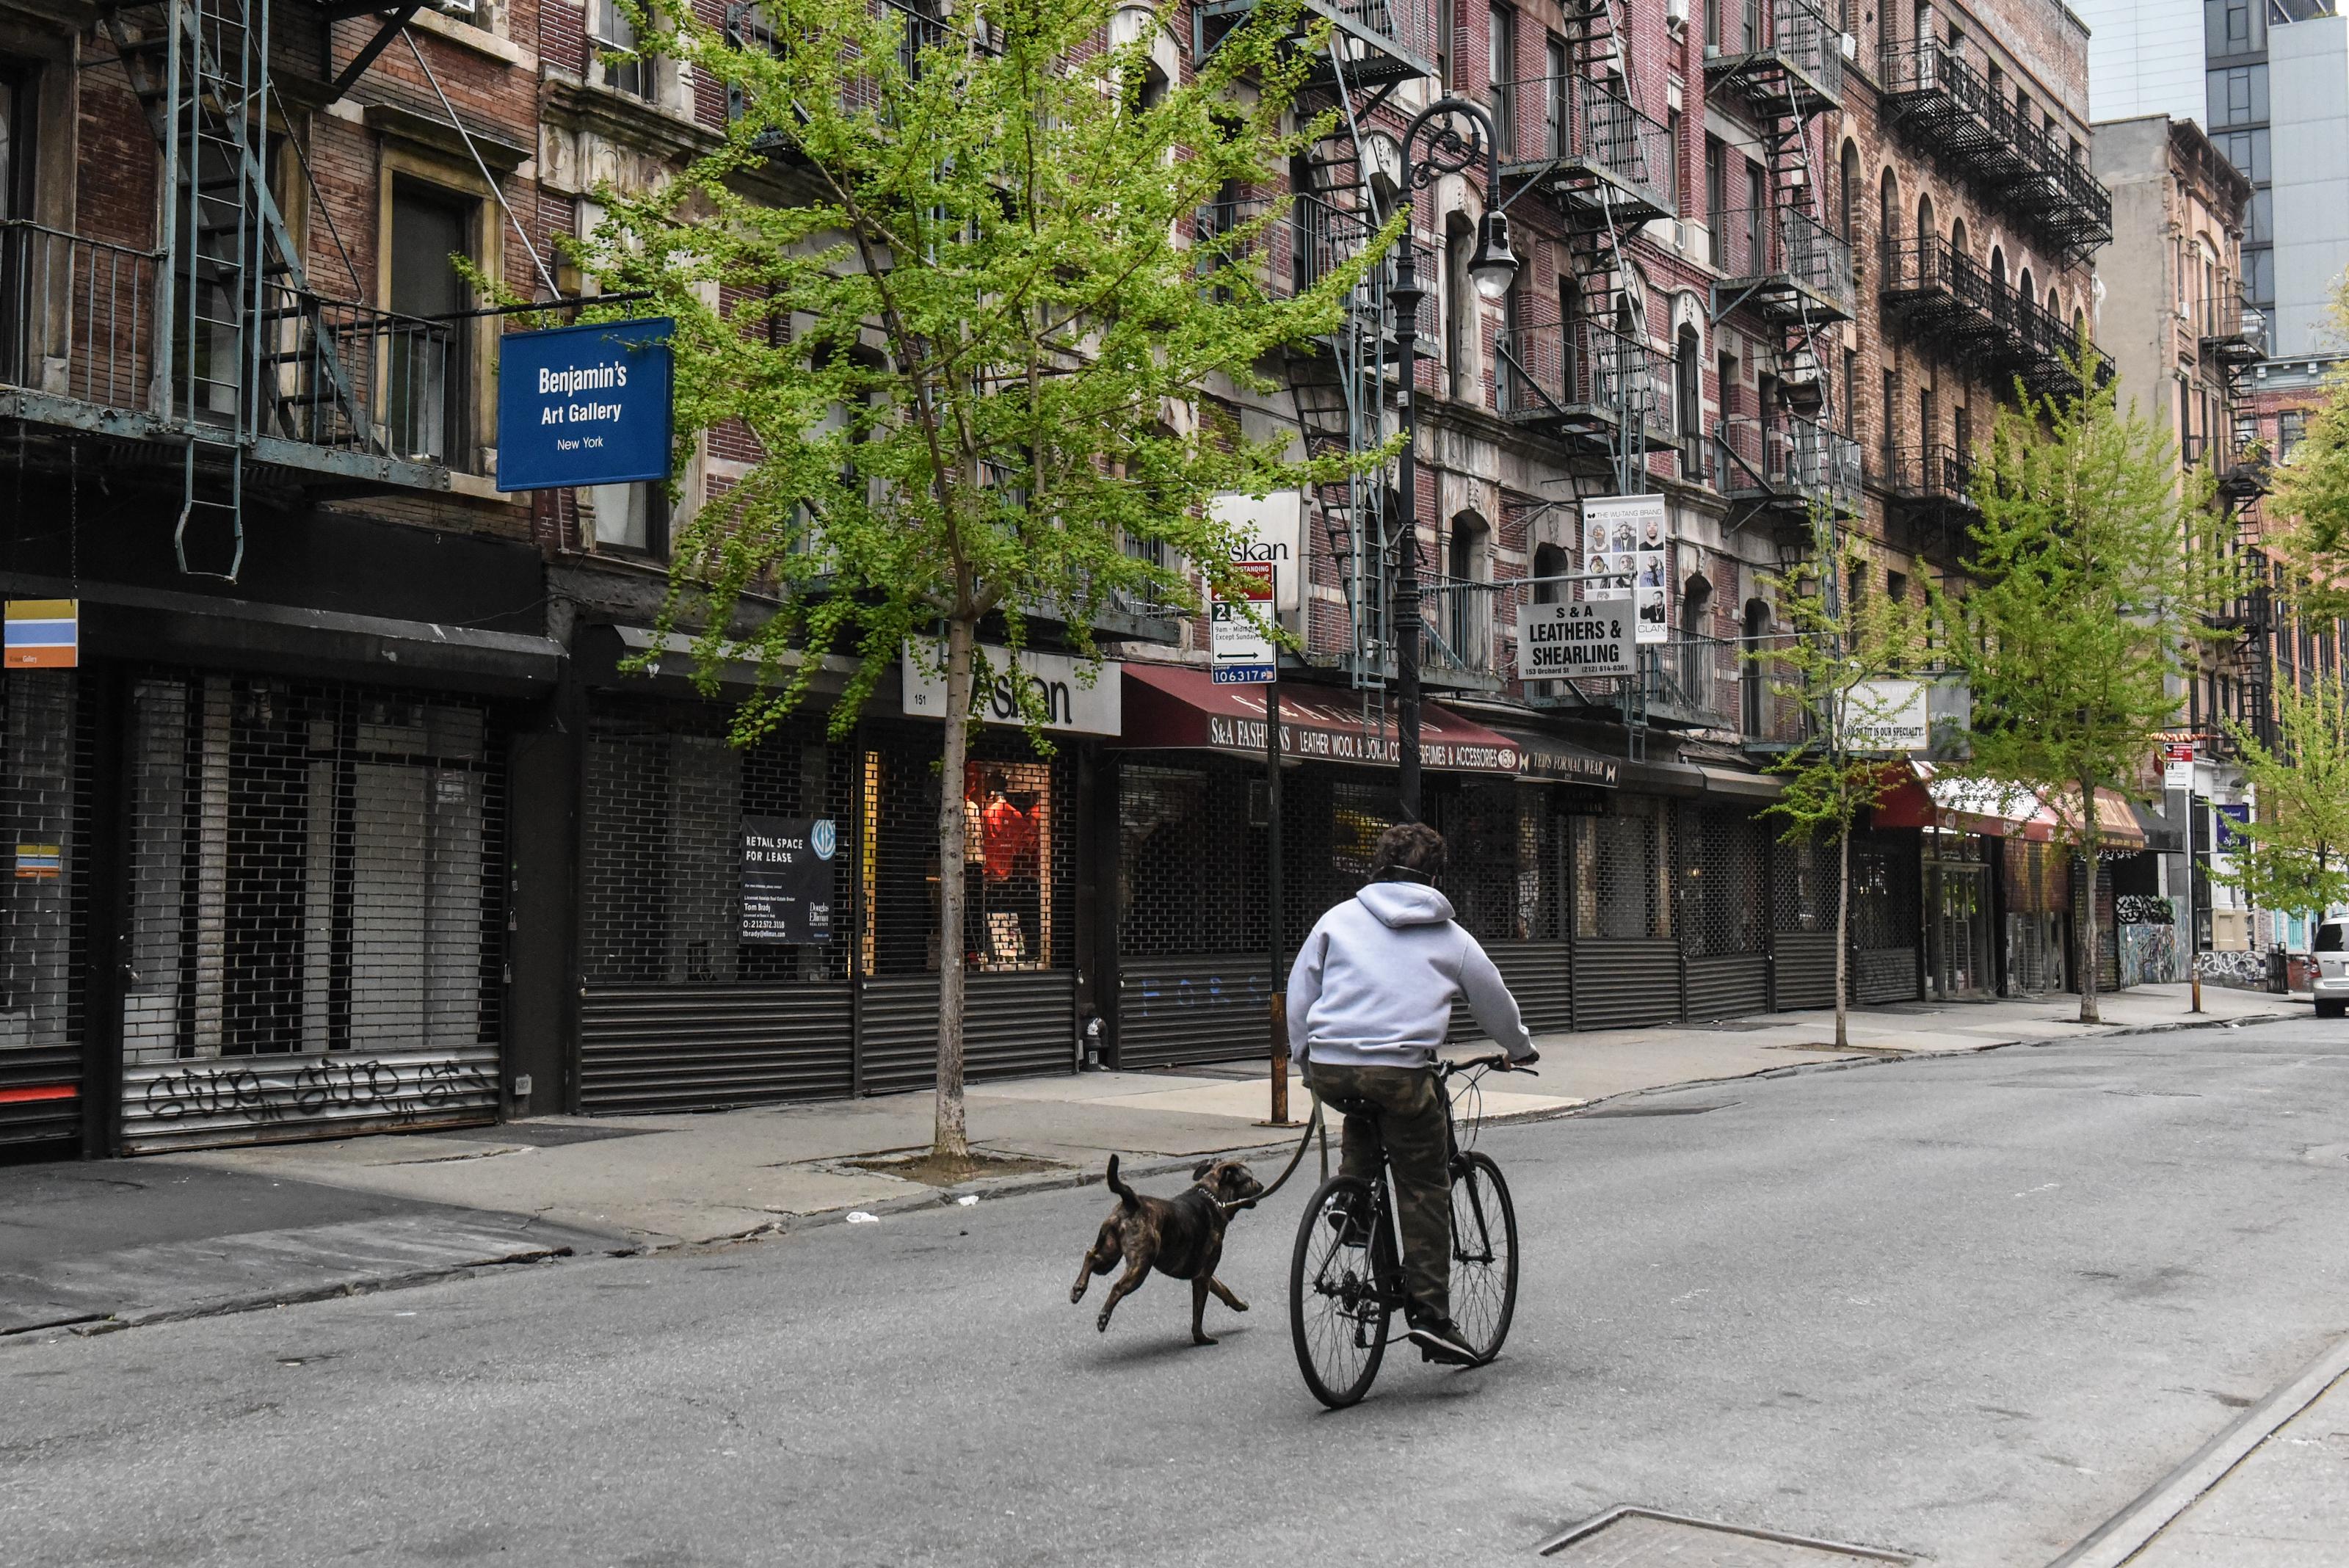 全球70萬人簽名反對疫情期間的封城措施。圖為今年四月份封城時期的紐約街頭。(Getty Image)